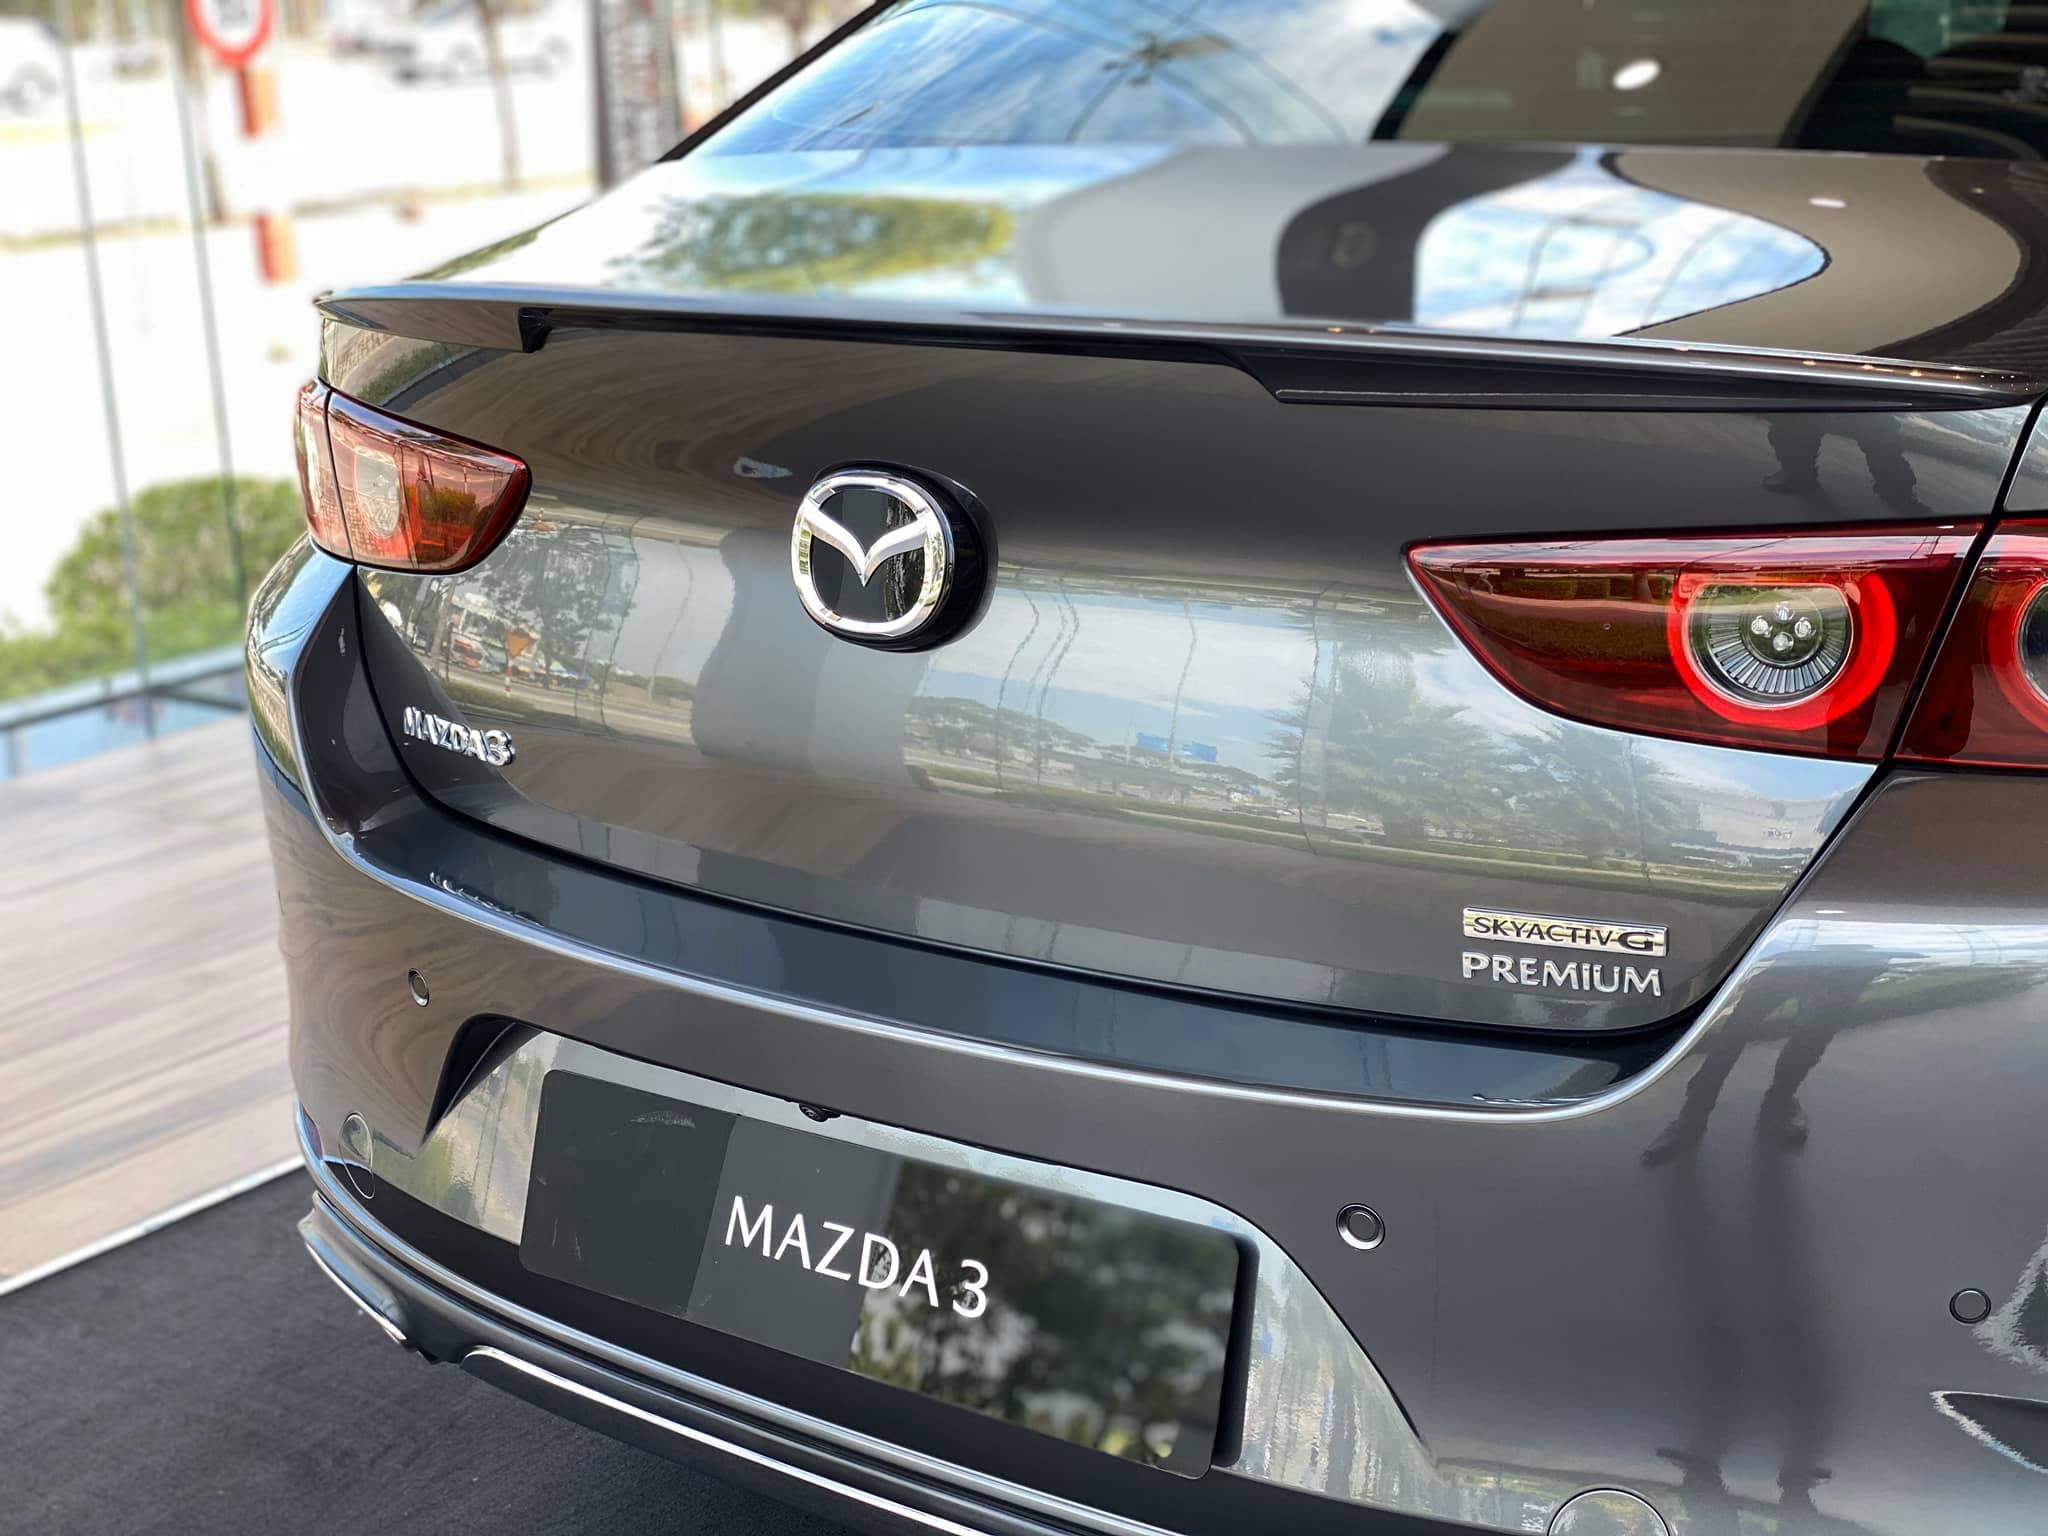 Cận cảnh Mazda3 2020 phiên bản Premium giá 839 triệu đồng tại Việt Nam - 4